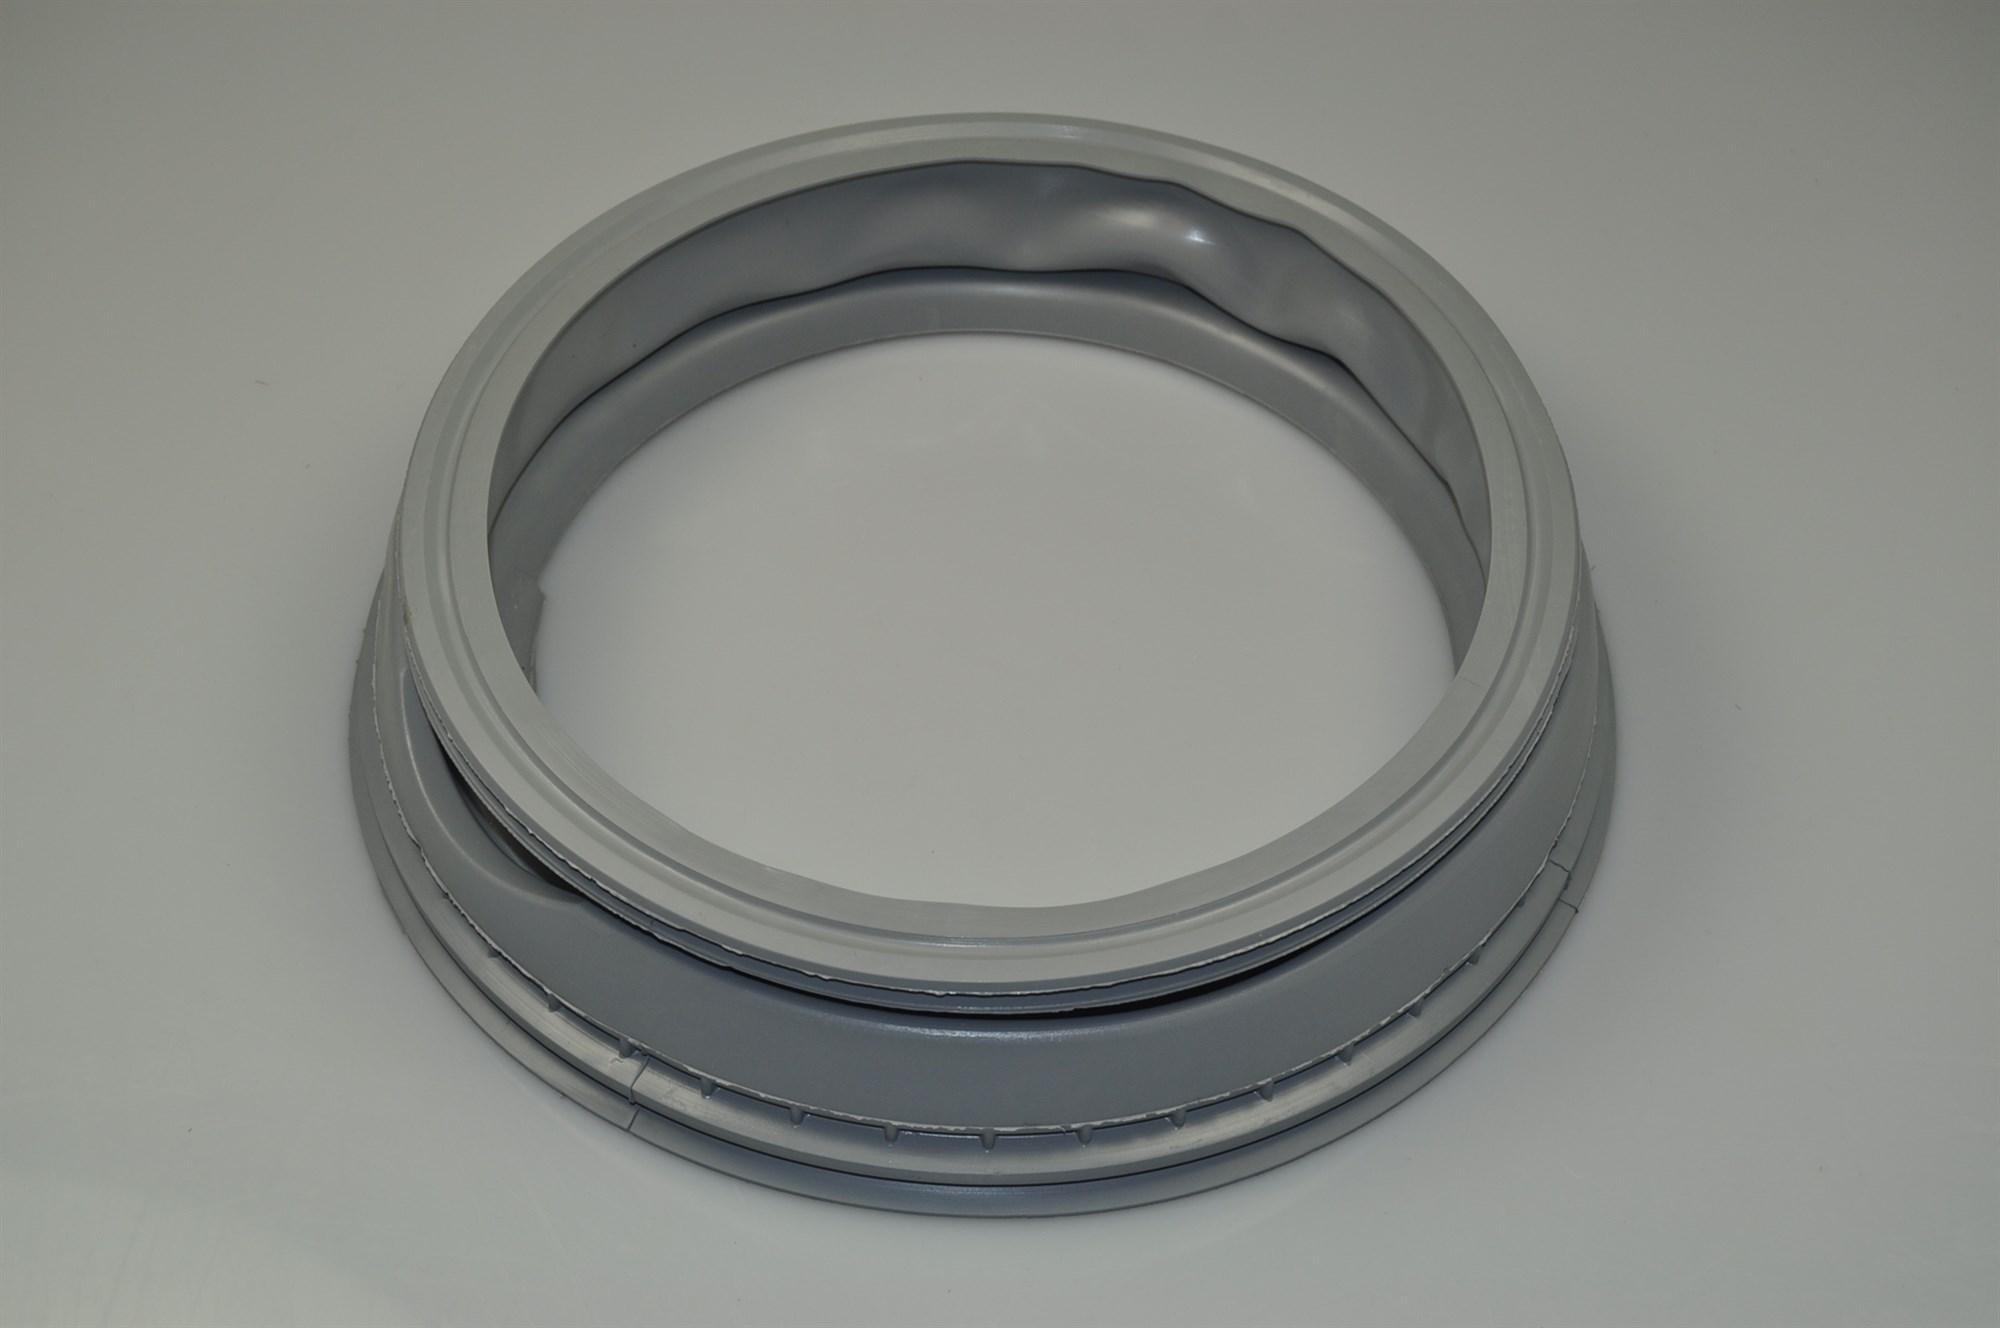 Türmanschette, Bosch Waschmaschine  Gummi ~ Waschmaschine Gummi Wechseln